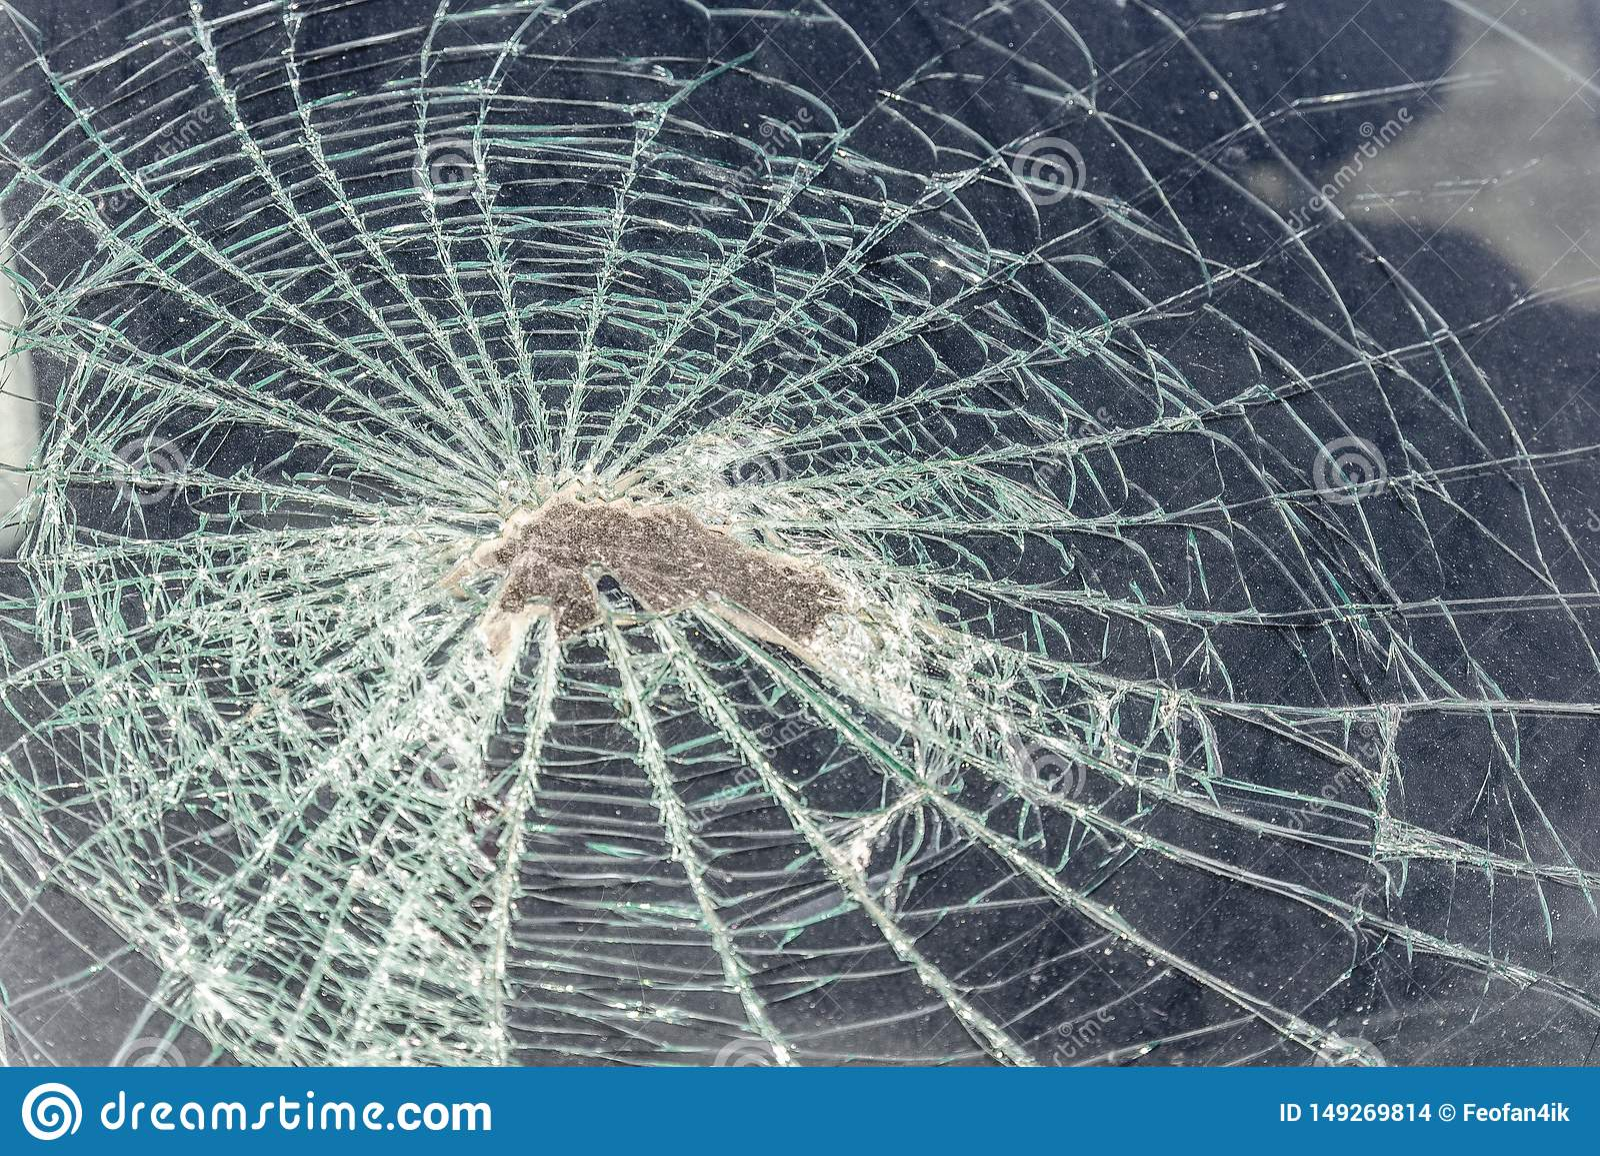 Traço no para-brisa da cabeça do passageiro do carro em um acidente ou em uma colisão com um obstáculo cabeça de vidro quebrada